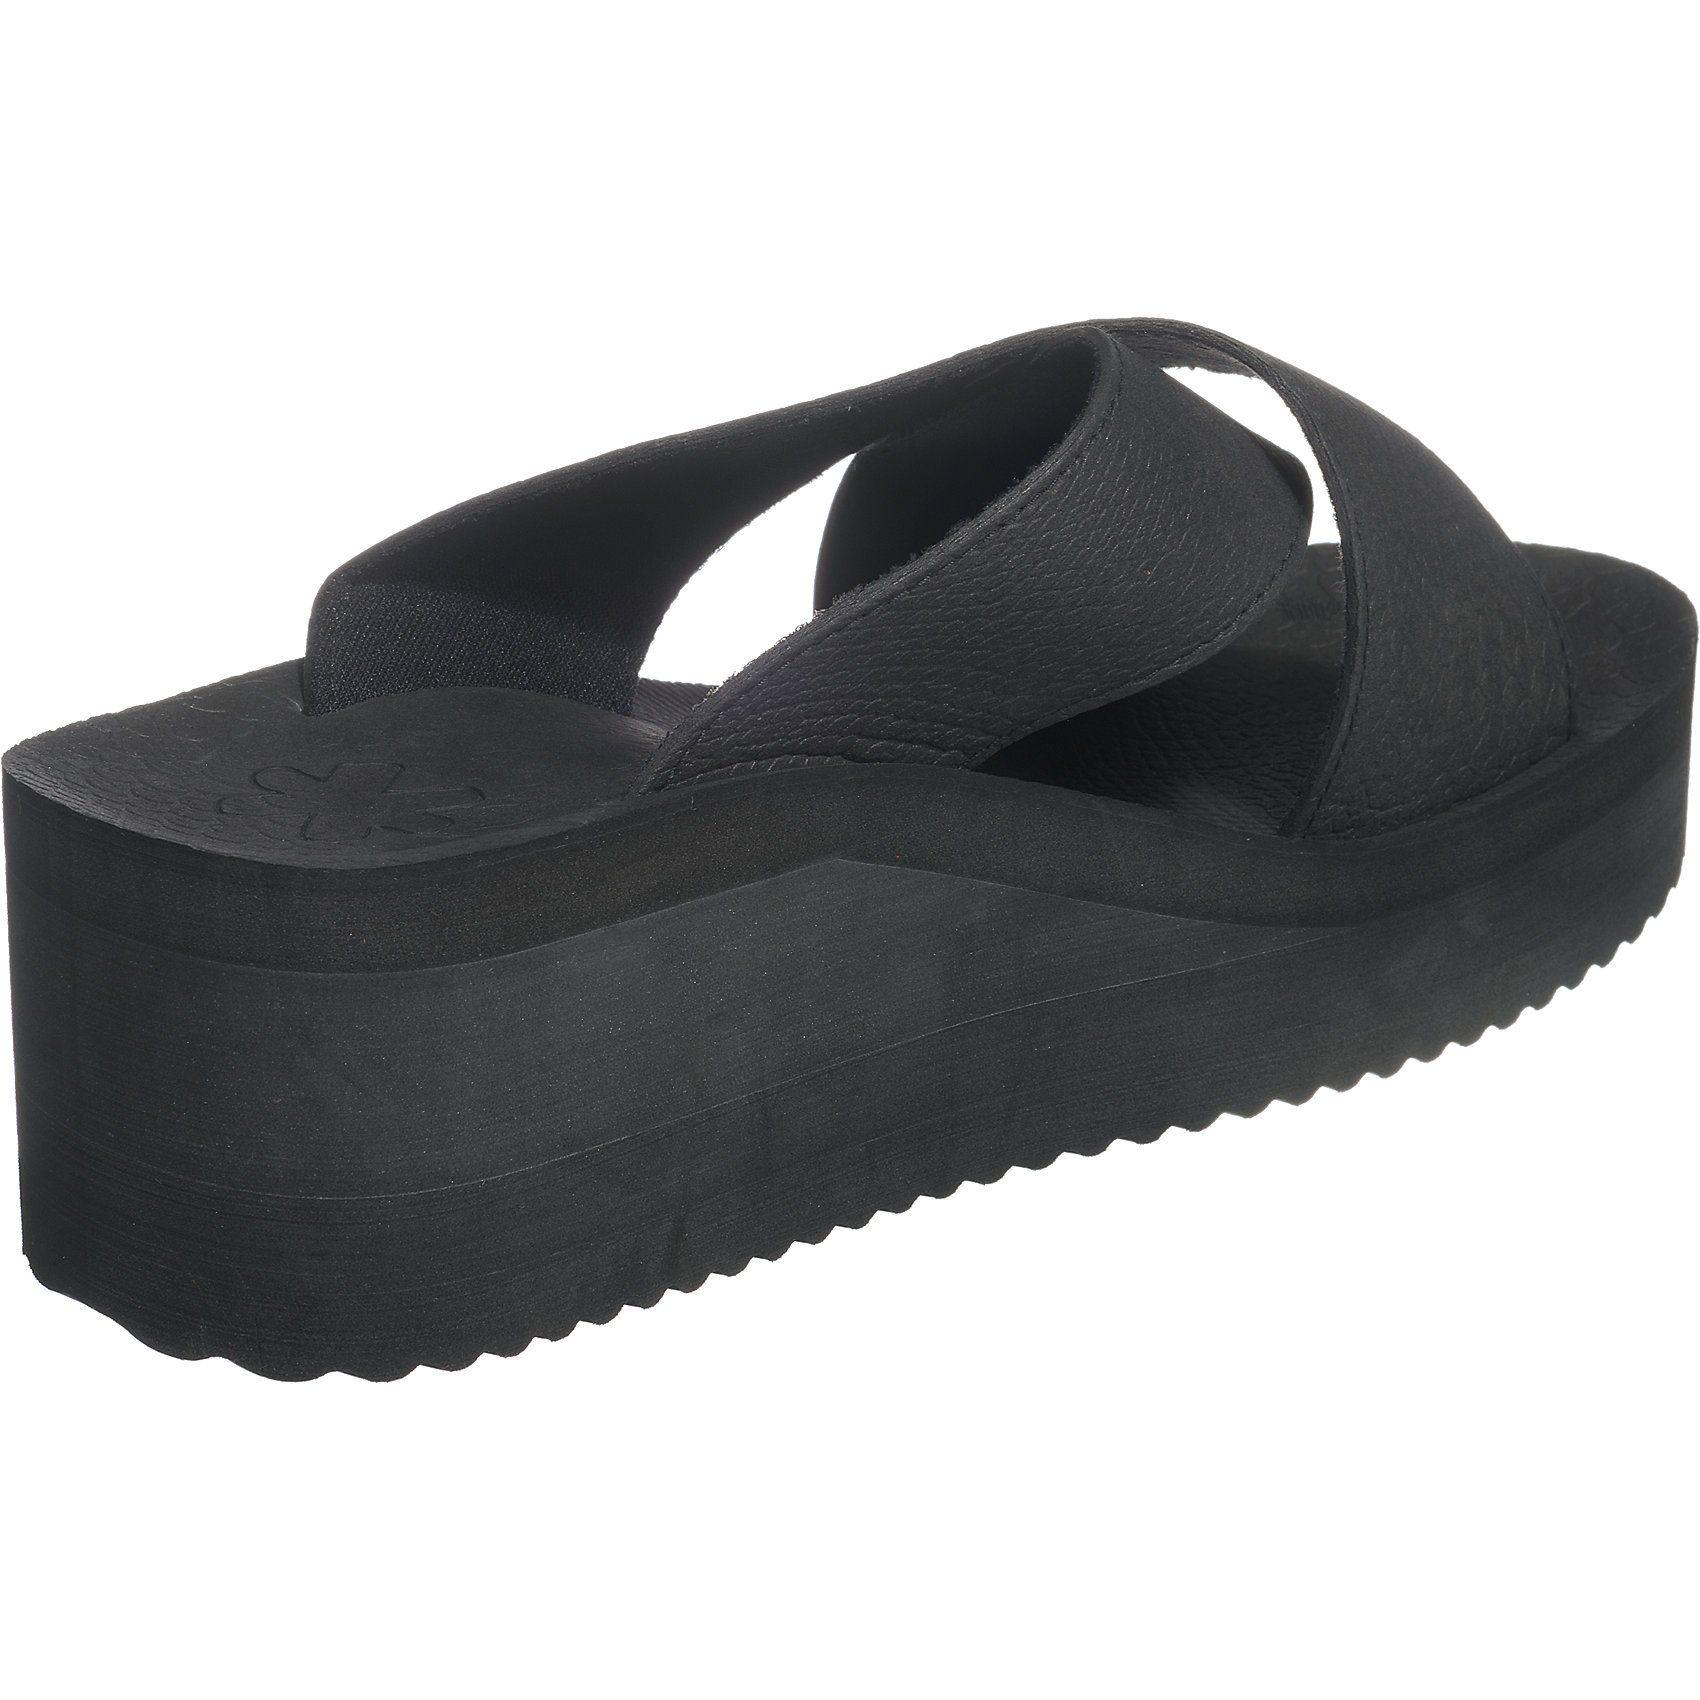 flip flop Pantoletten online kaufen  schwarz